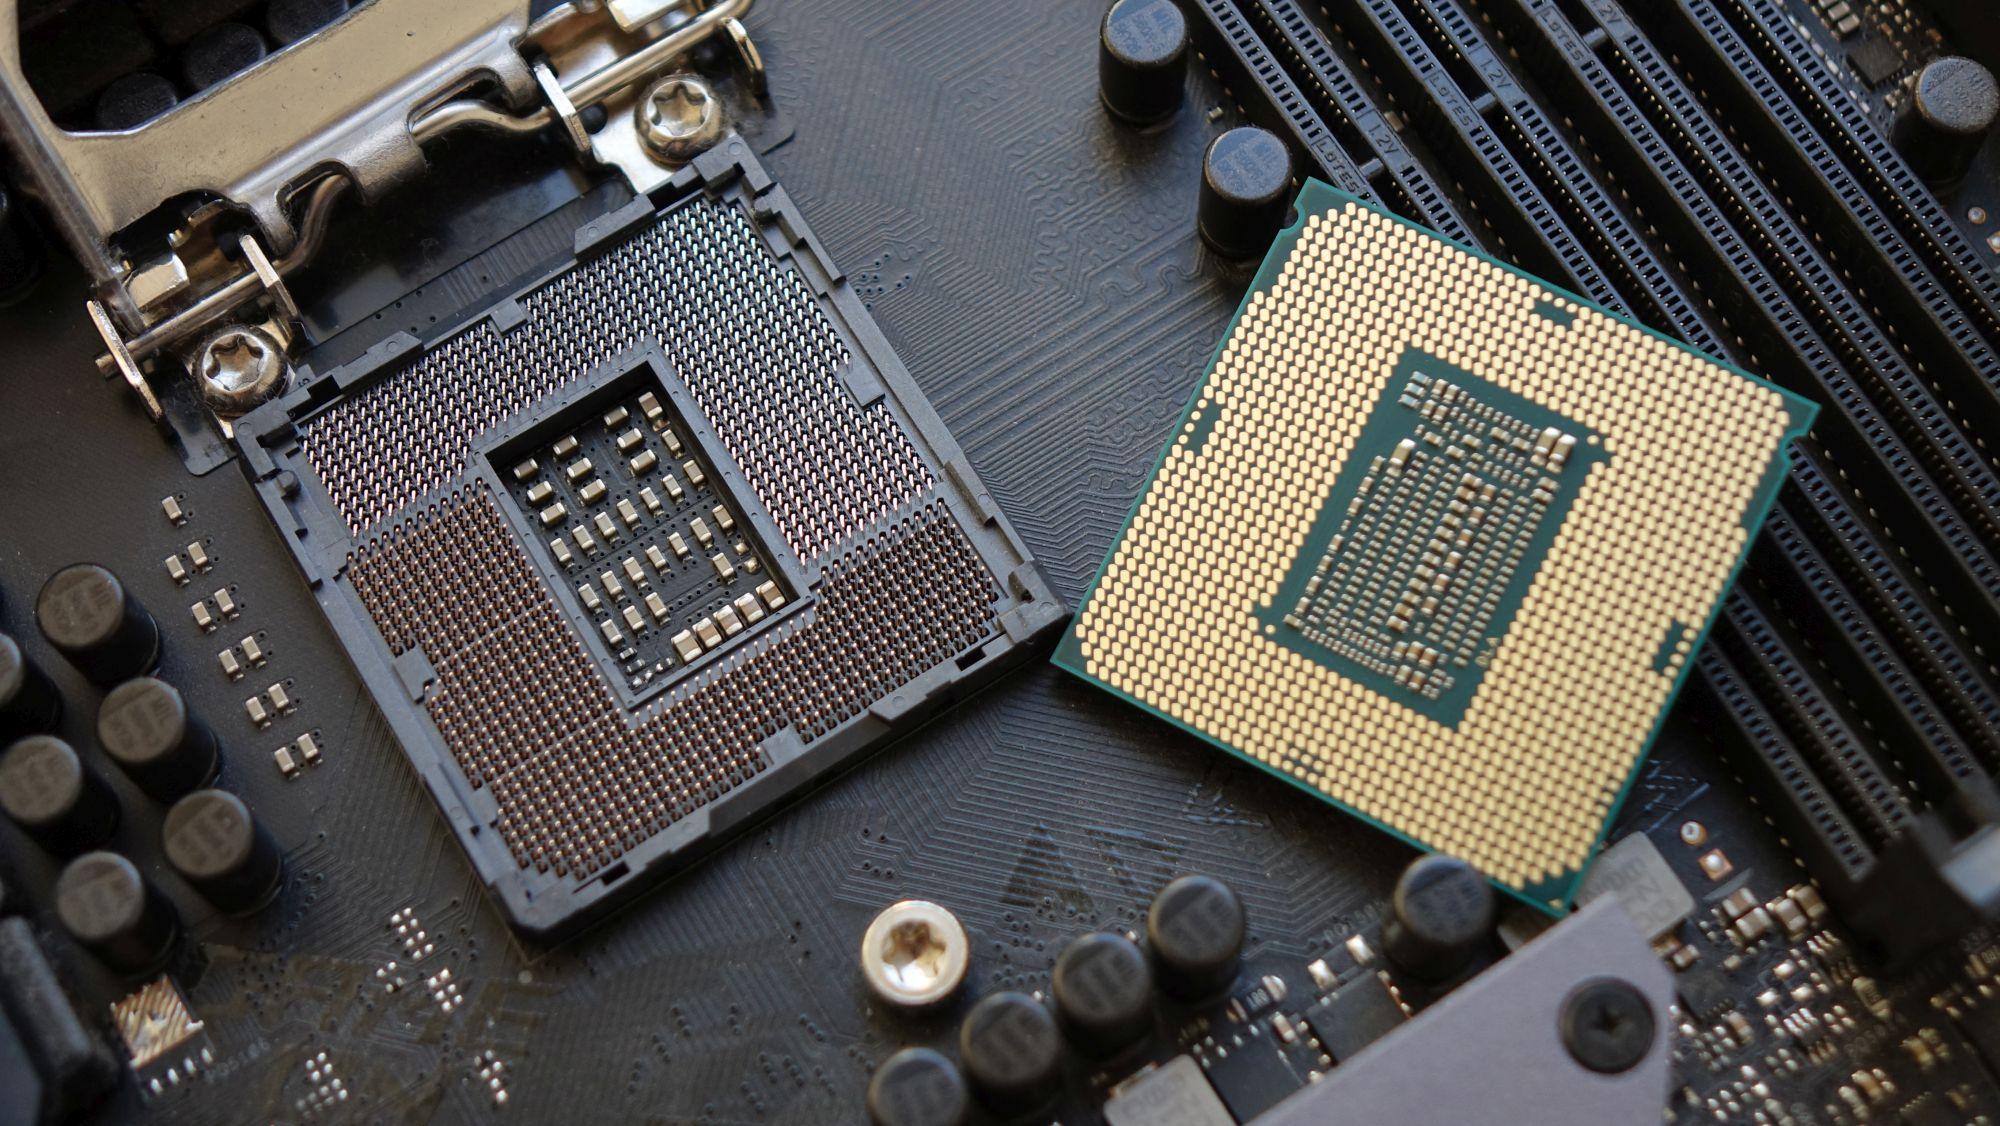 Загрузка цп в компьютере — что это такое? | 990x.top